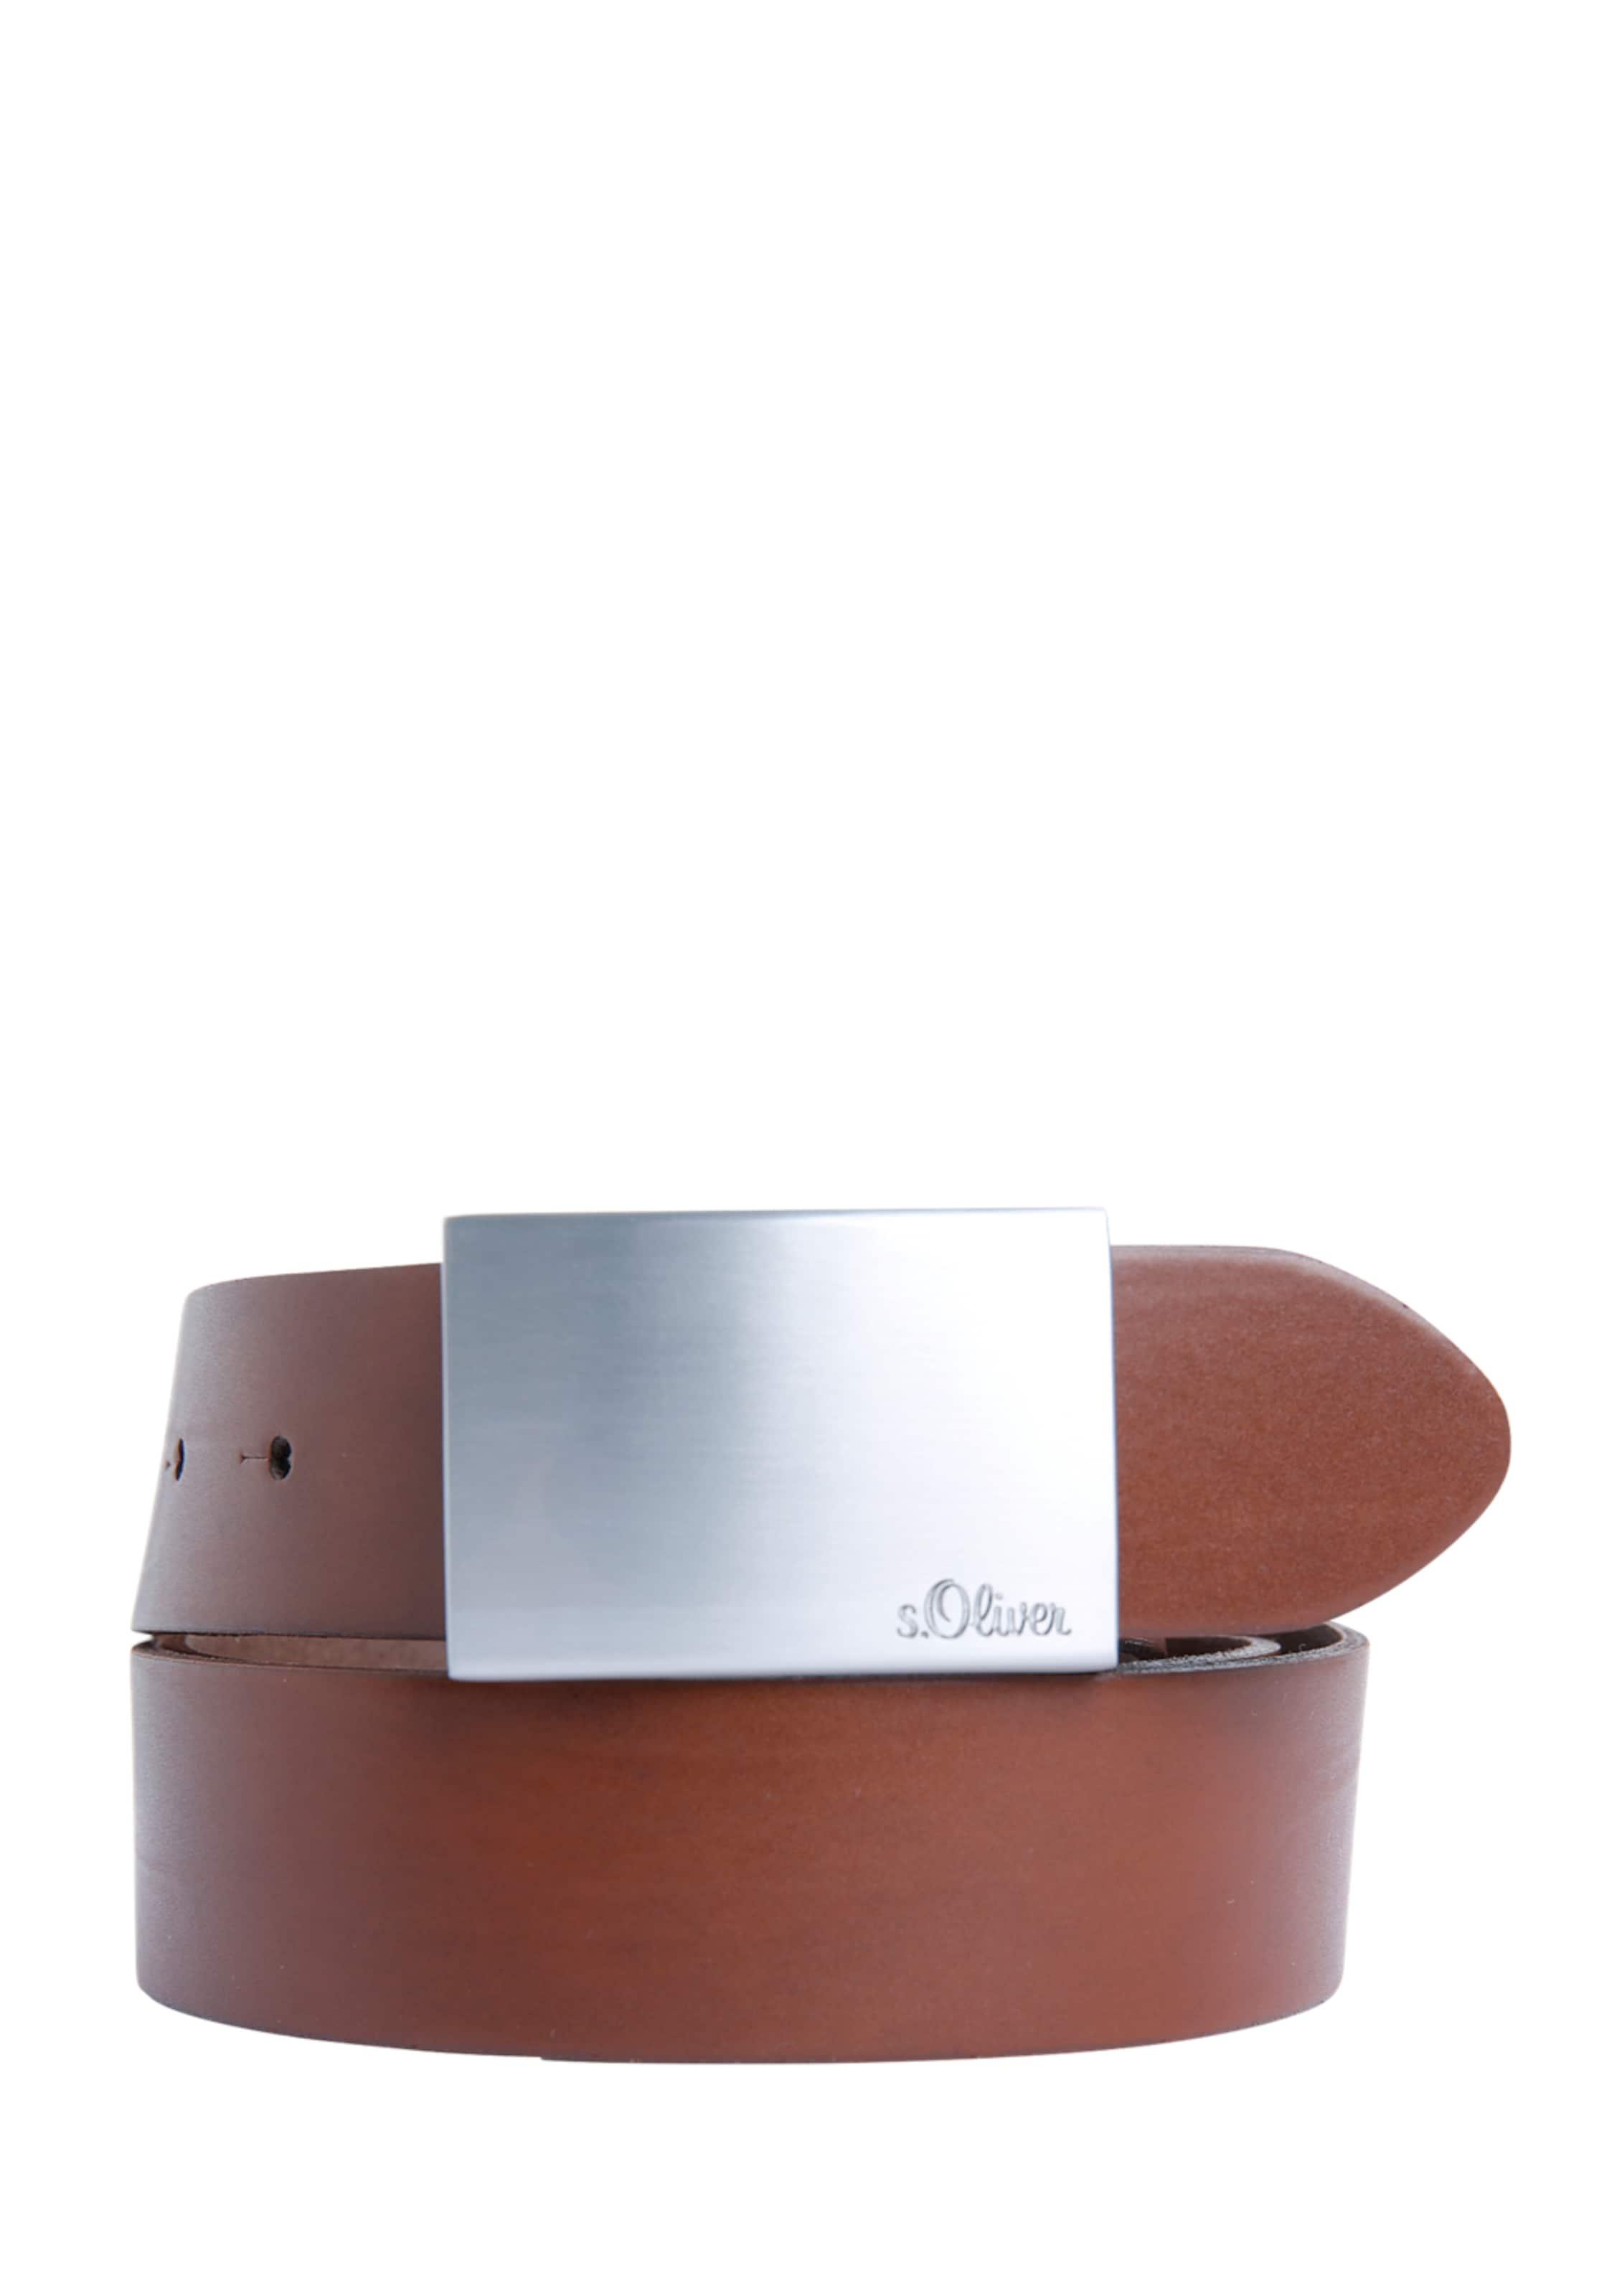 S oliver Ledergürtel oliver In In BraunSilber Ledergürtel S S BraunSilber E9D2WHI